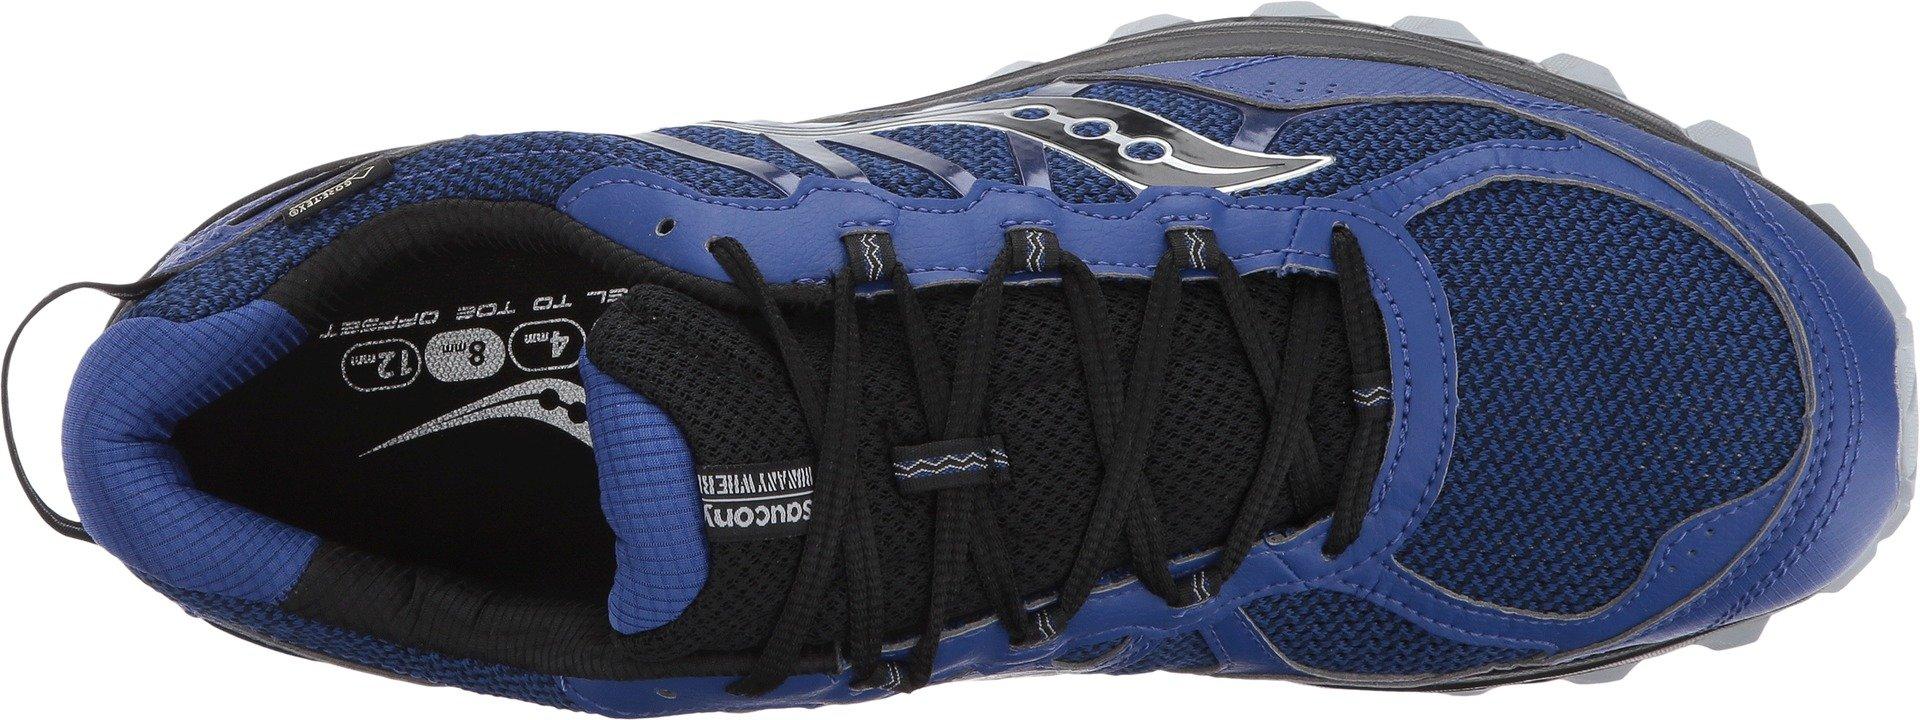 2a452223592a Saucony Men s Excursion TR11 GTX Athletic Shoe